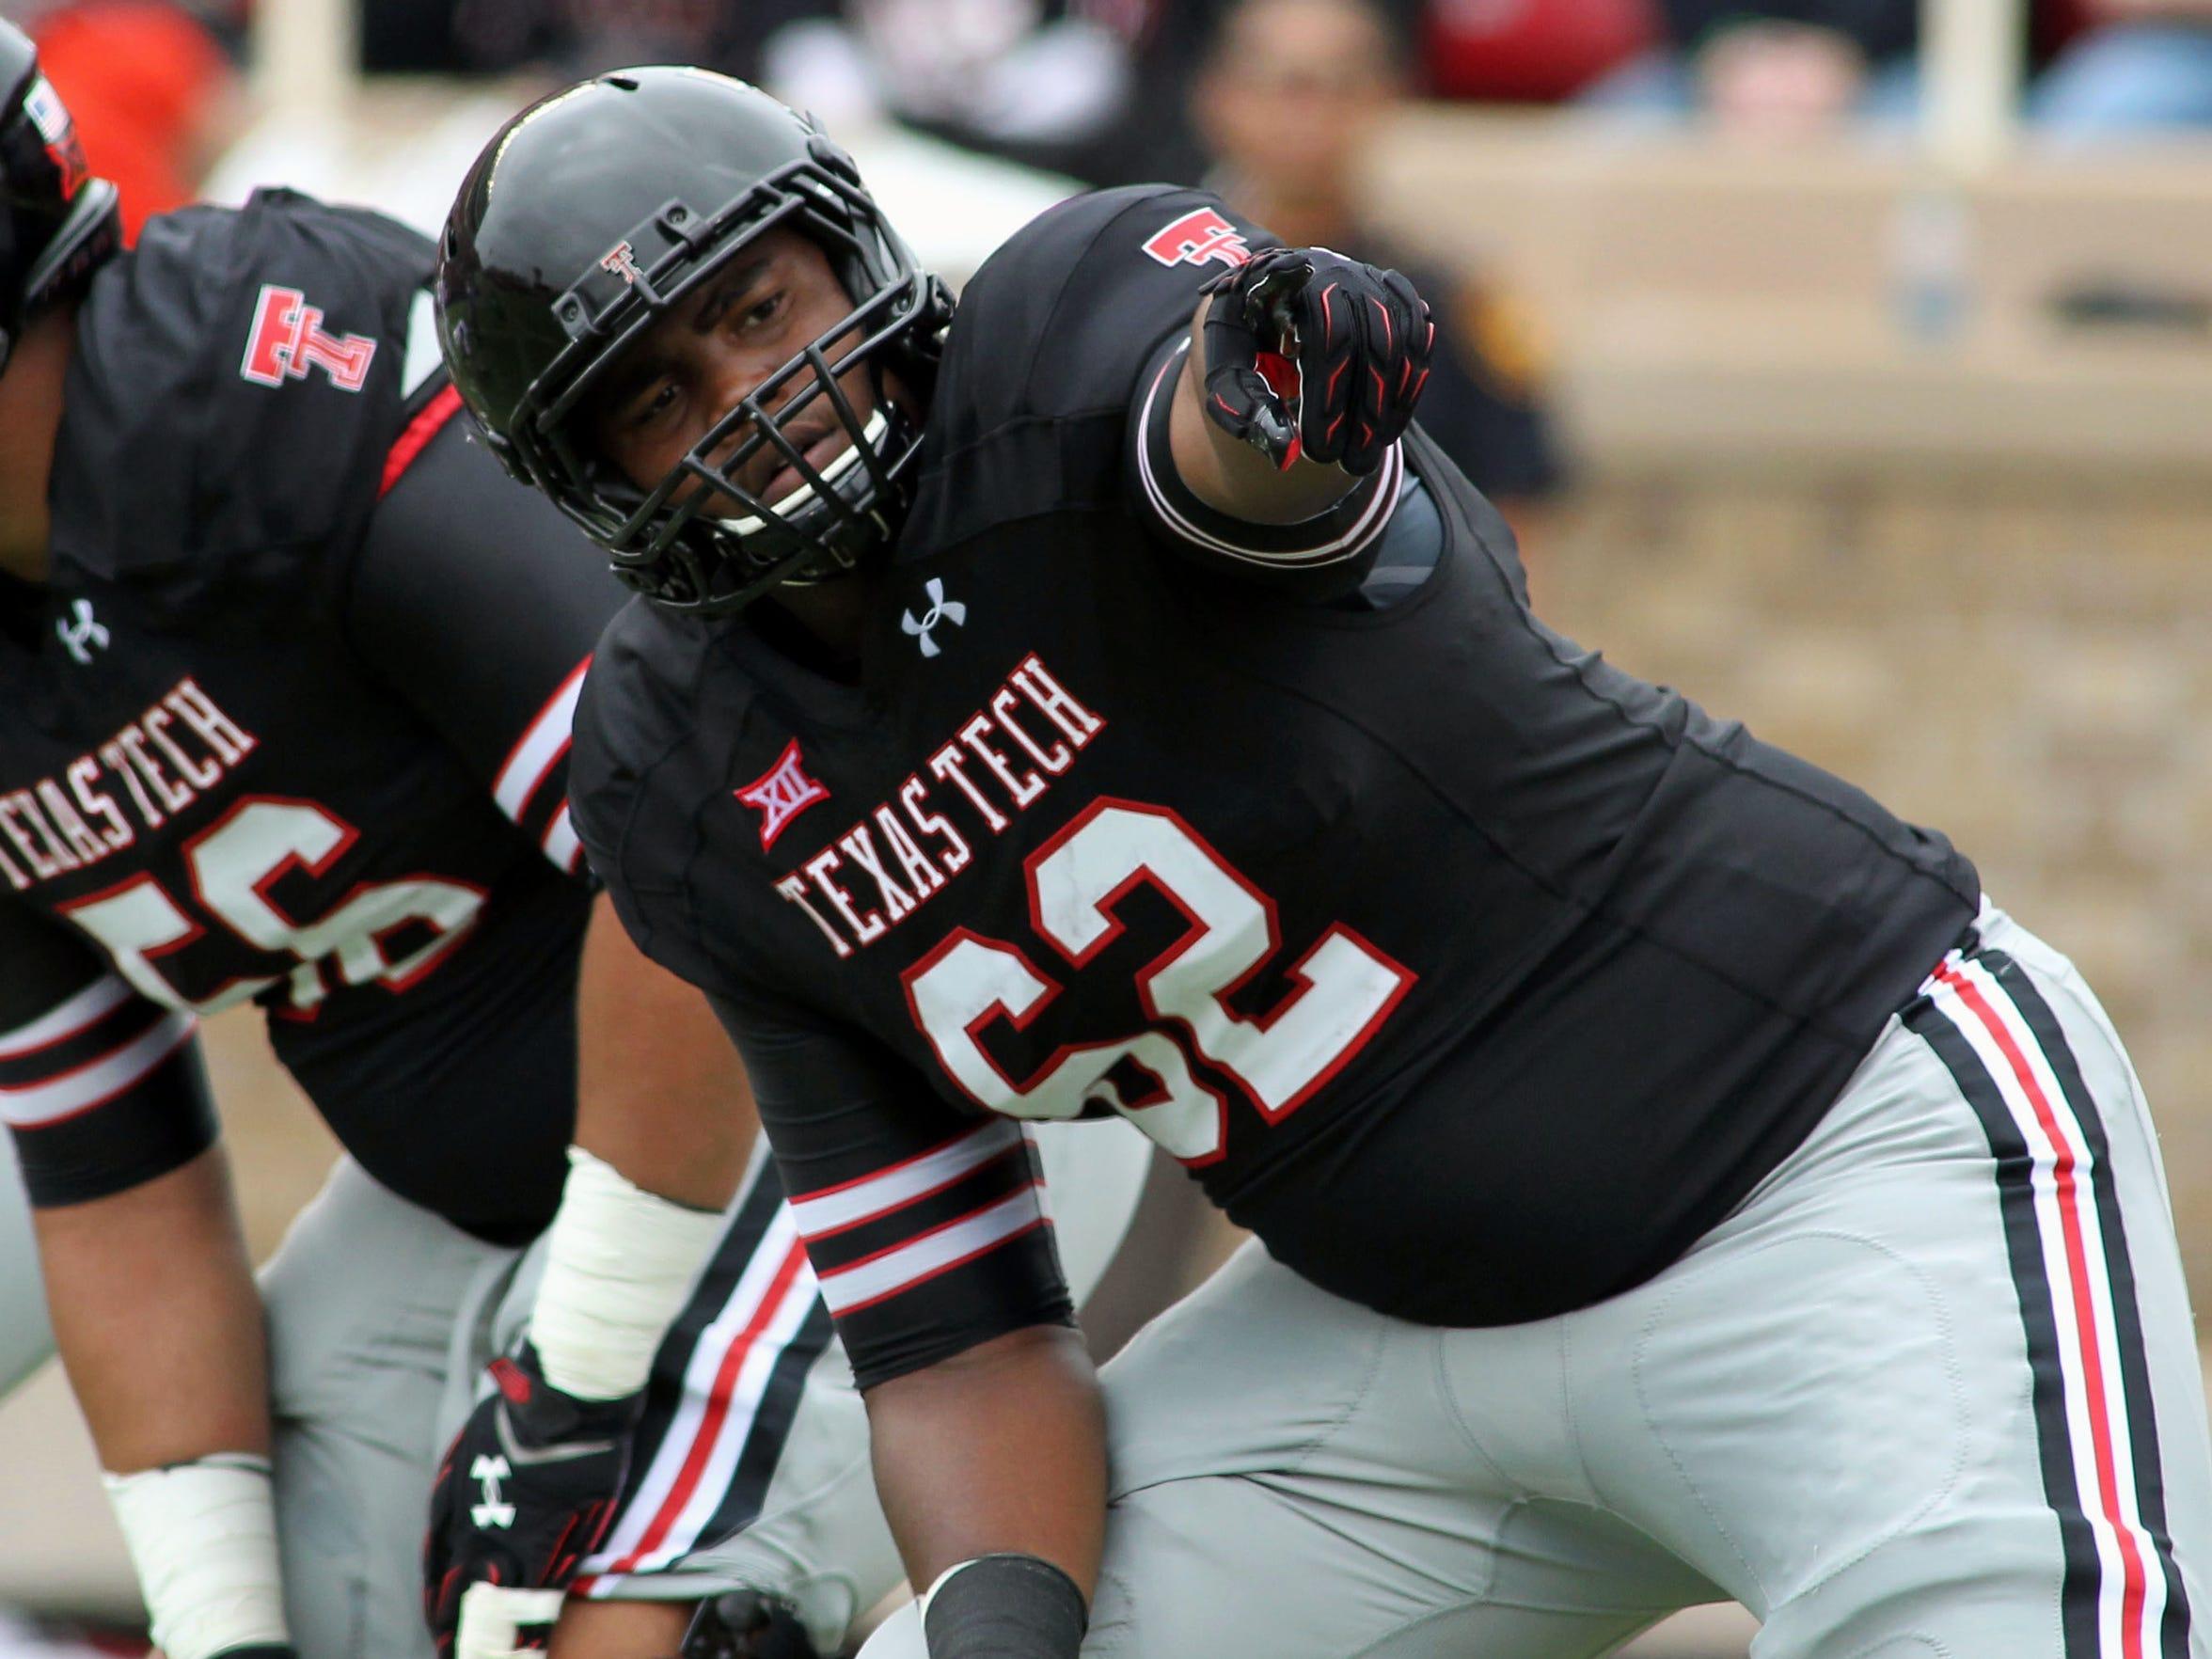 Texas Tech offensive tackle Le'Raven Clark